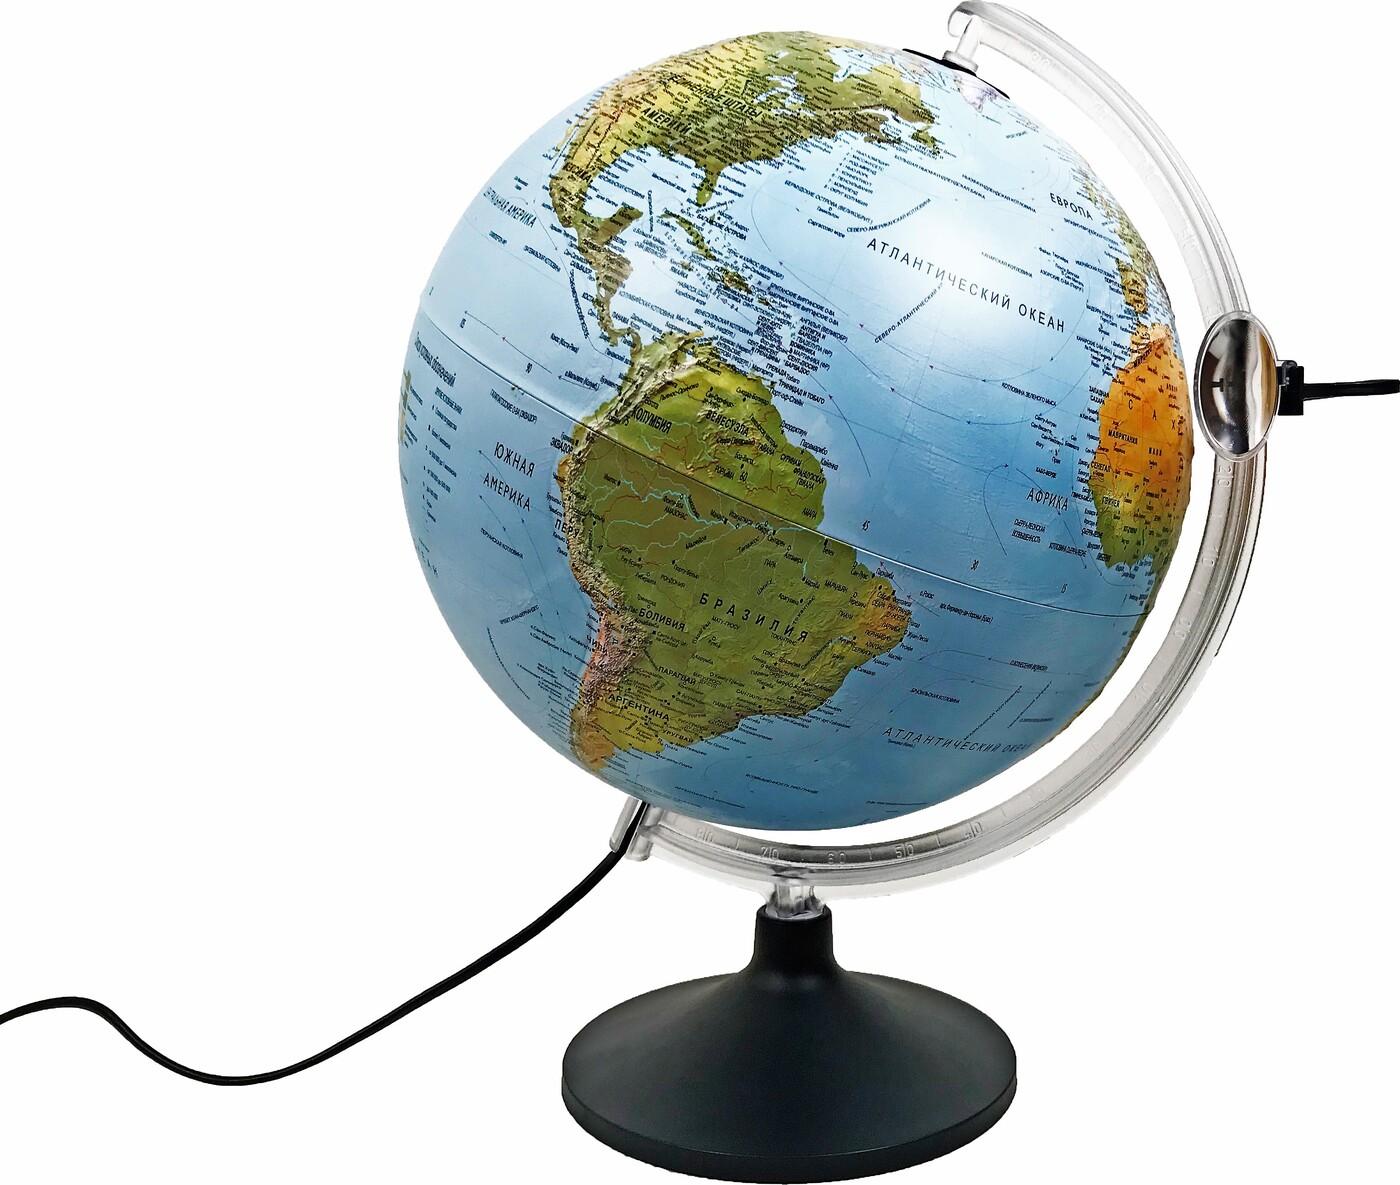 Глобус рельефный с подсветкой URANIO, диаметр 30см.